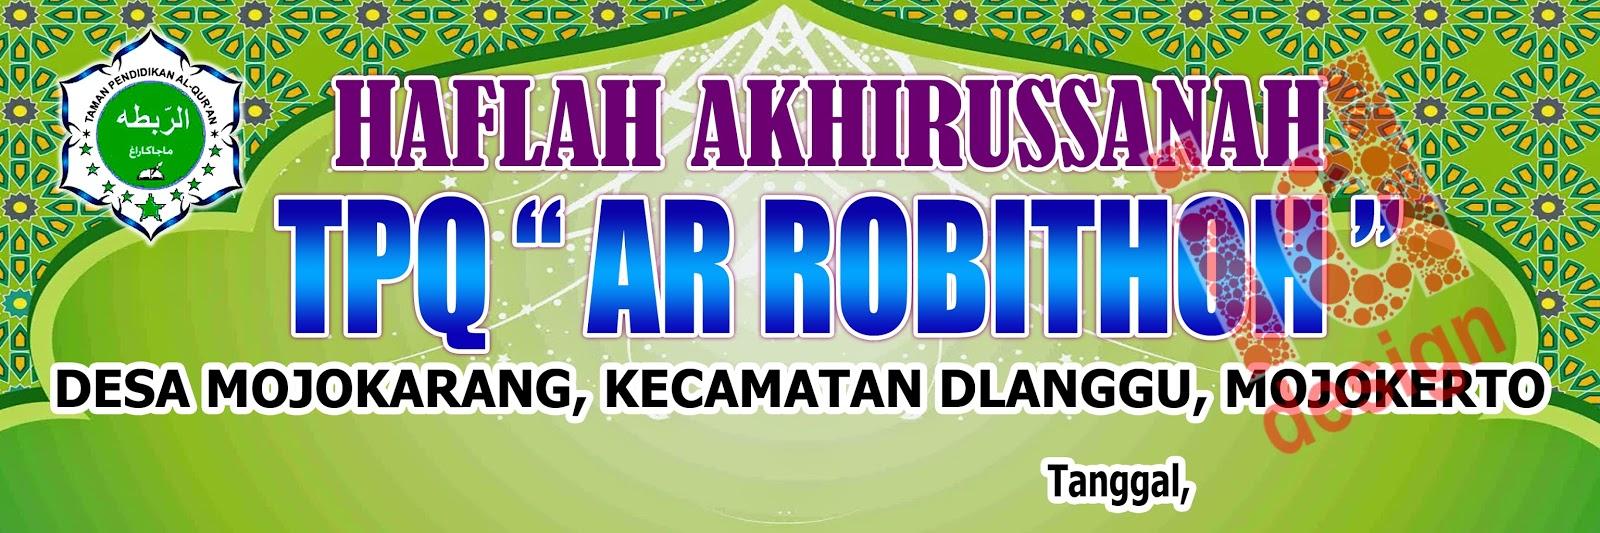 Background Banner Haflah Akhirussunah